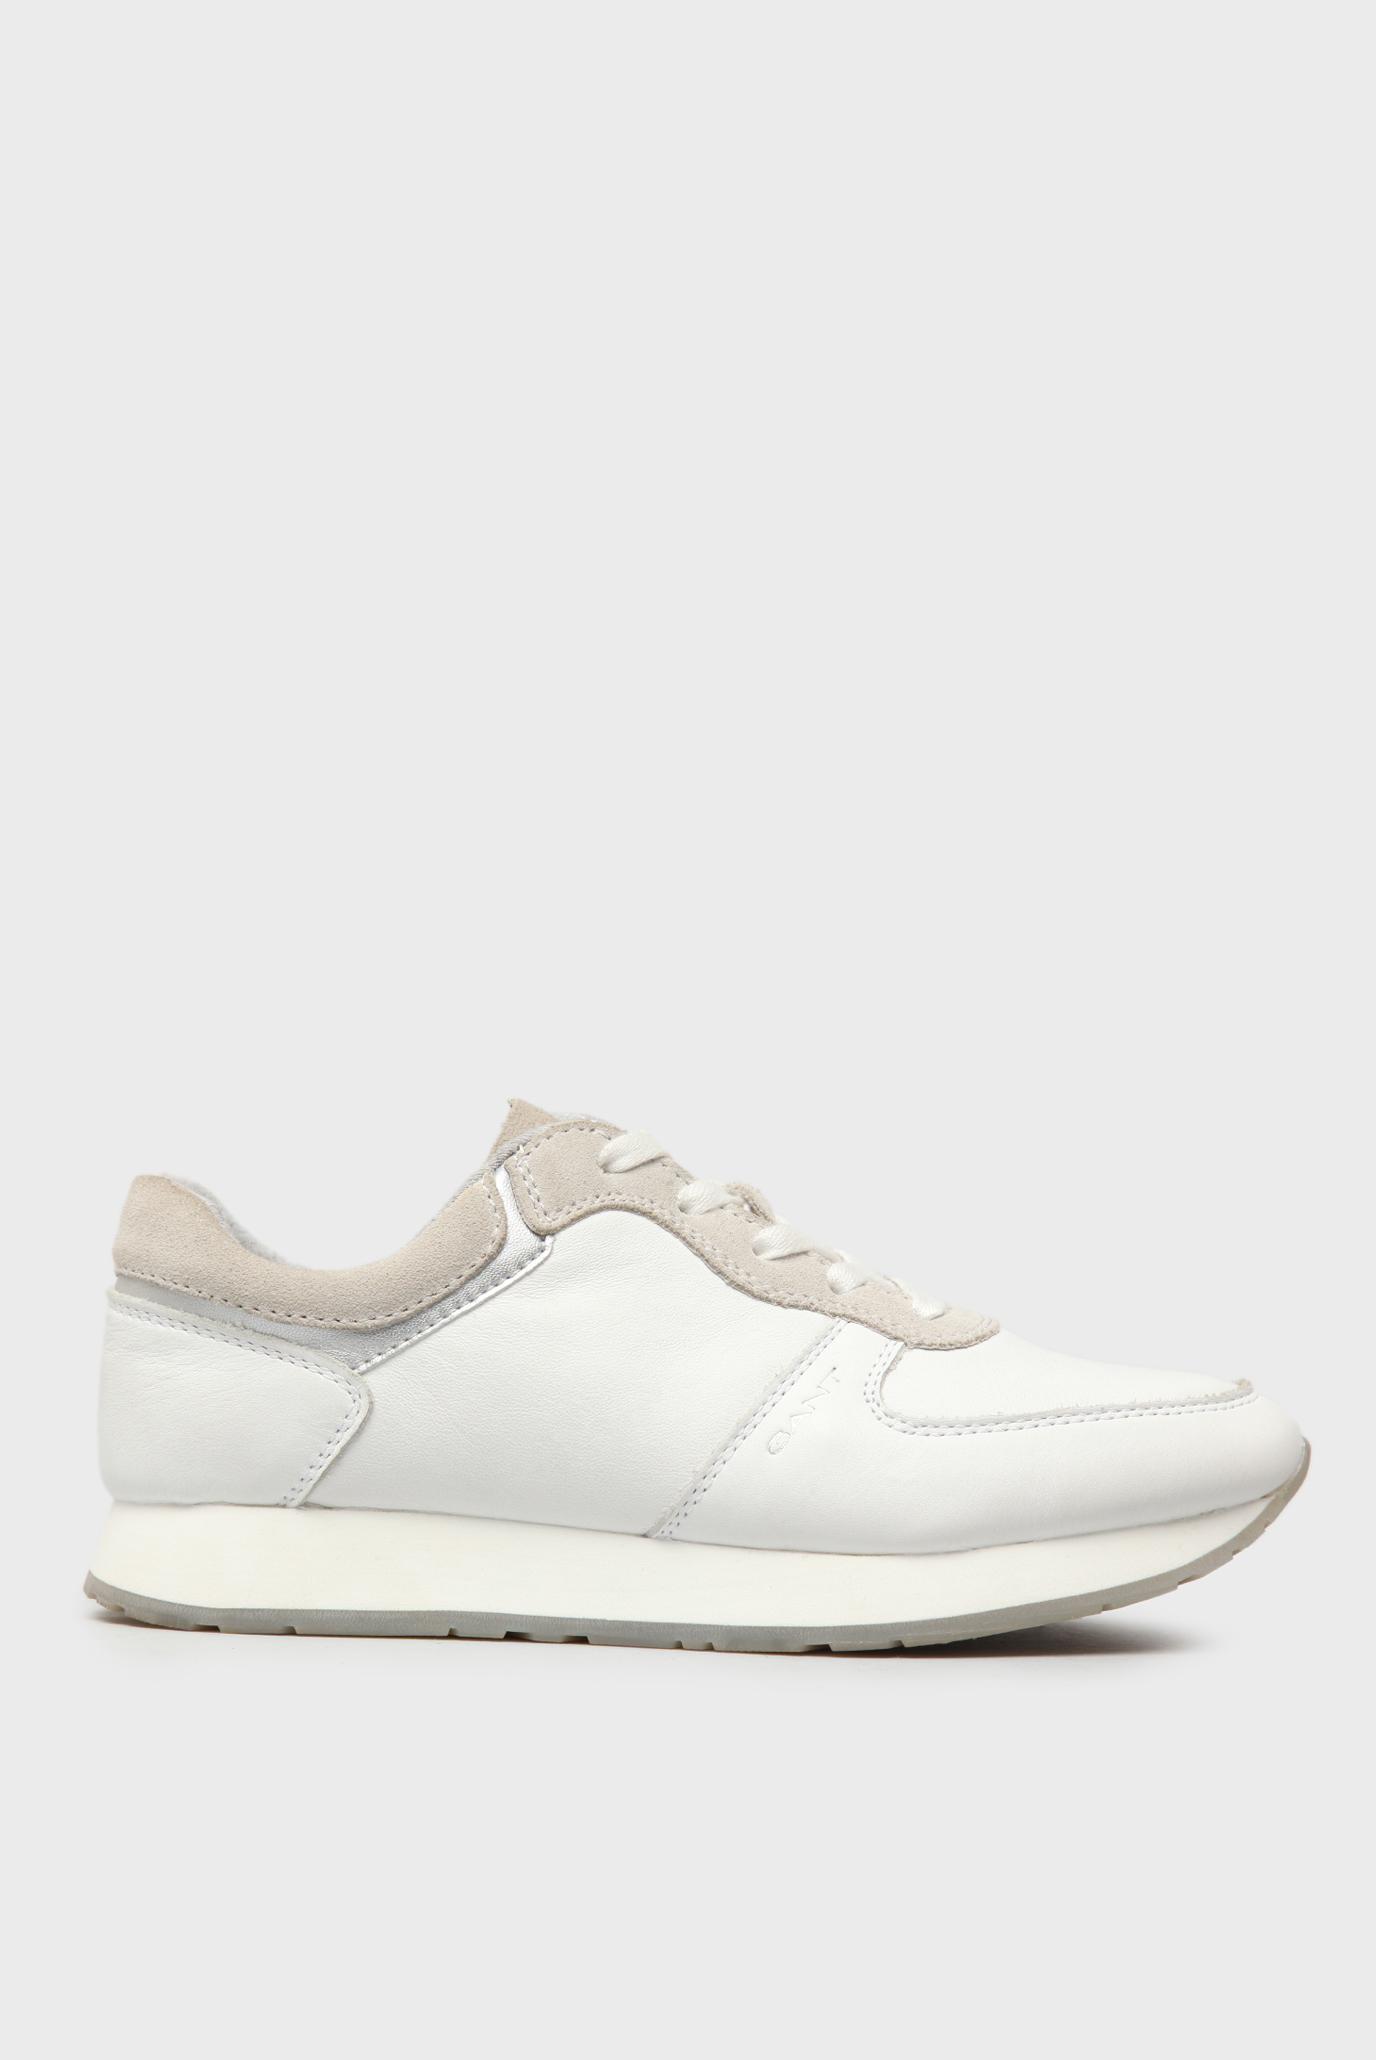 Купить Женские белые кожаные кроссовки Gant Gant 14531664 – Киев ... 9142329d1a2f5